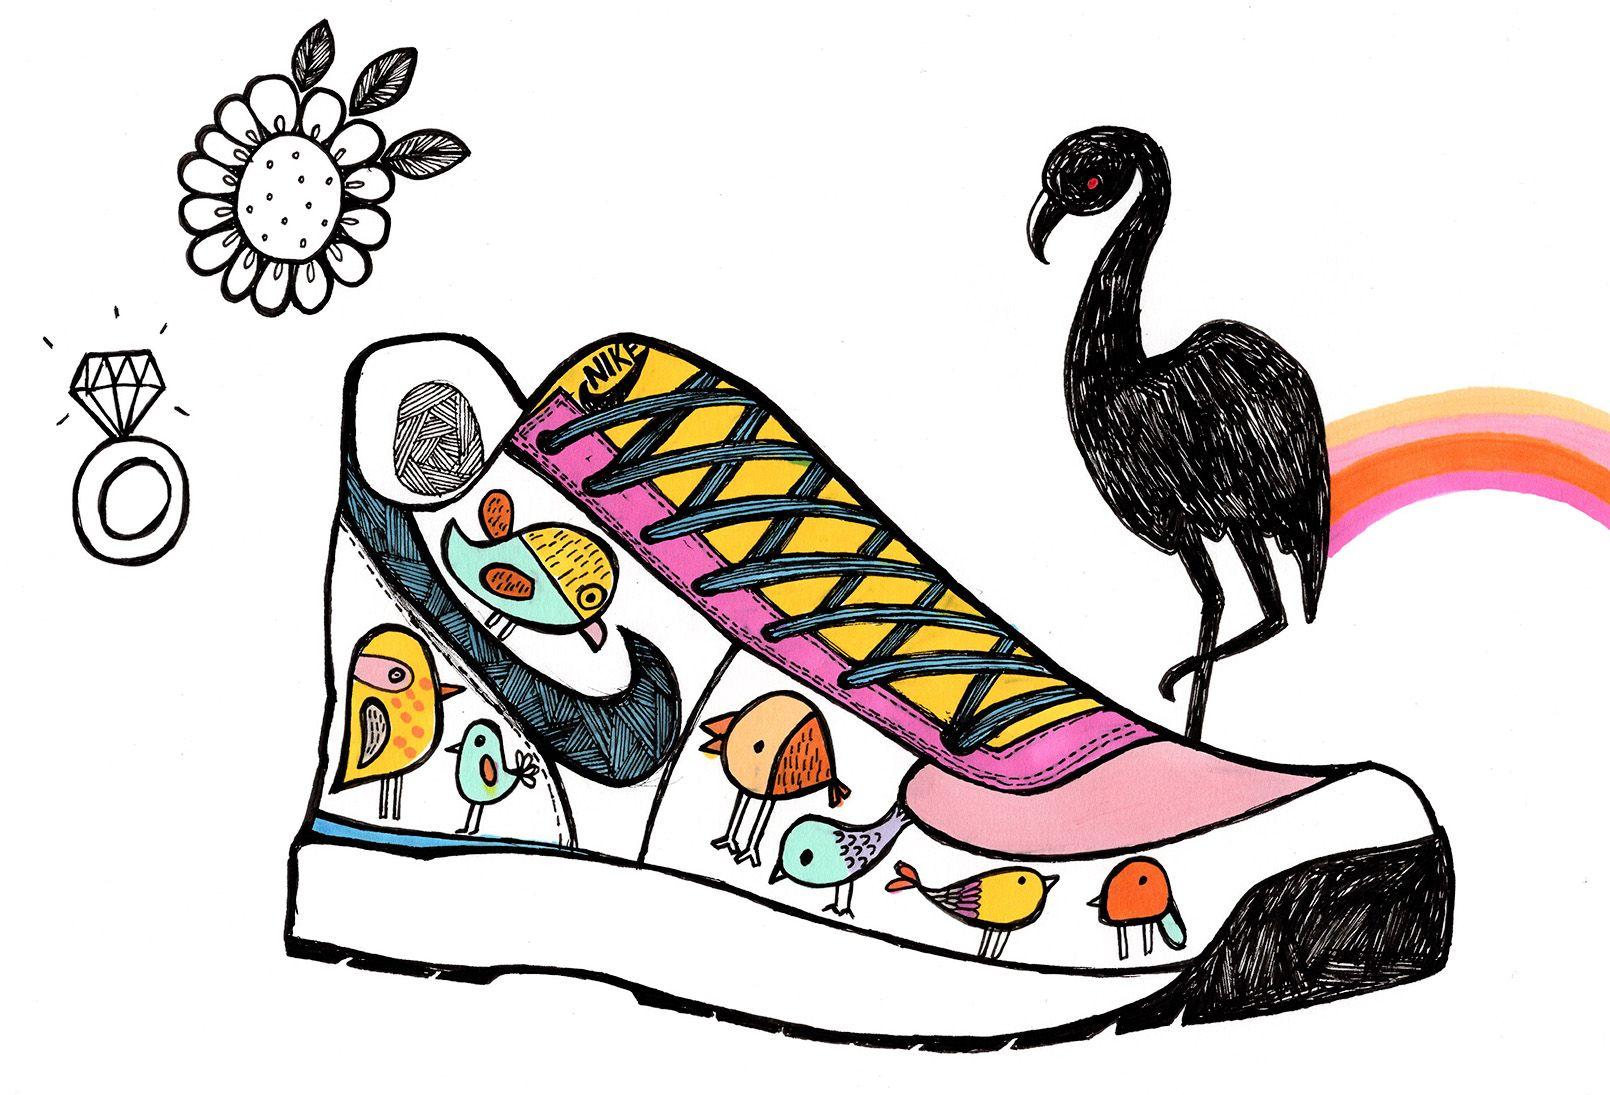 #illustration #doodlesofinstagram #doodle #nike #trainer #shoe #inktober2go  #ink